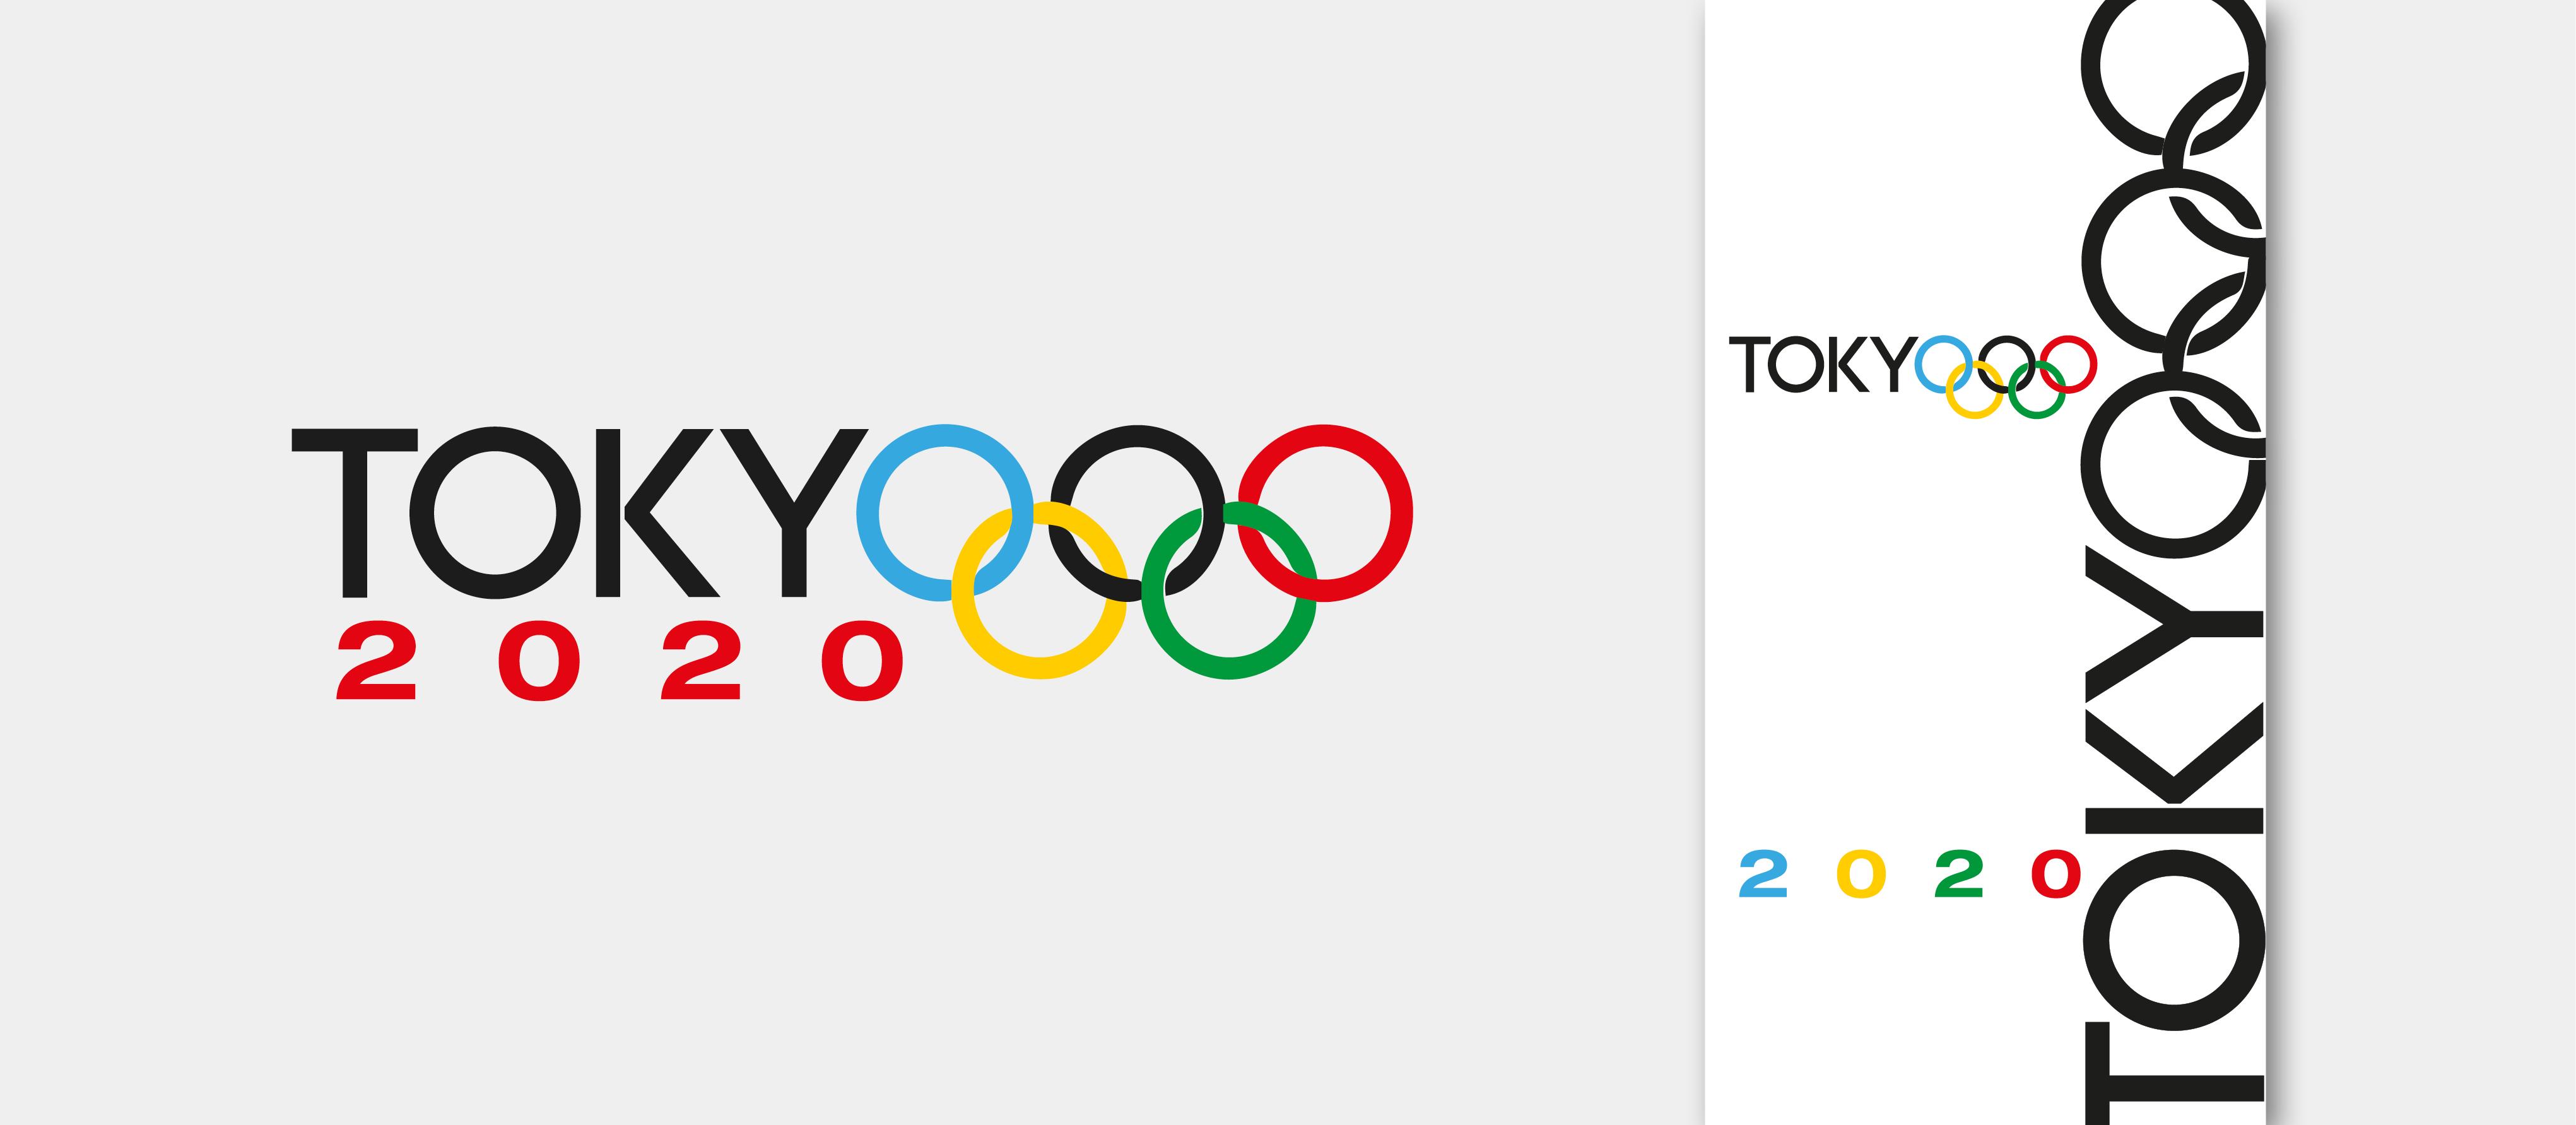 Tokyo 2020 - Summer Olympics